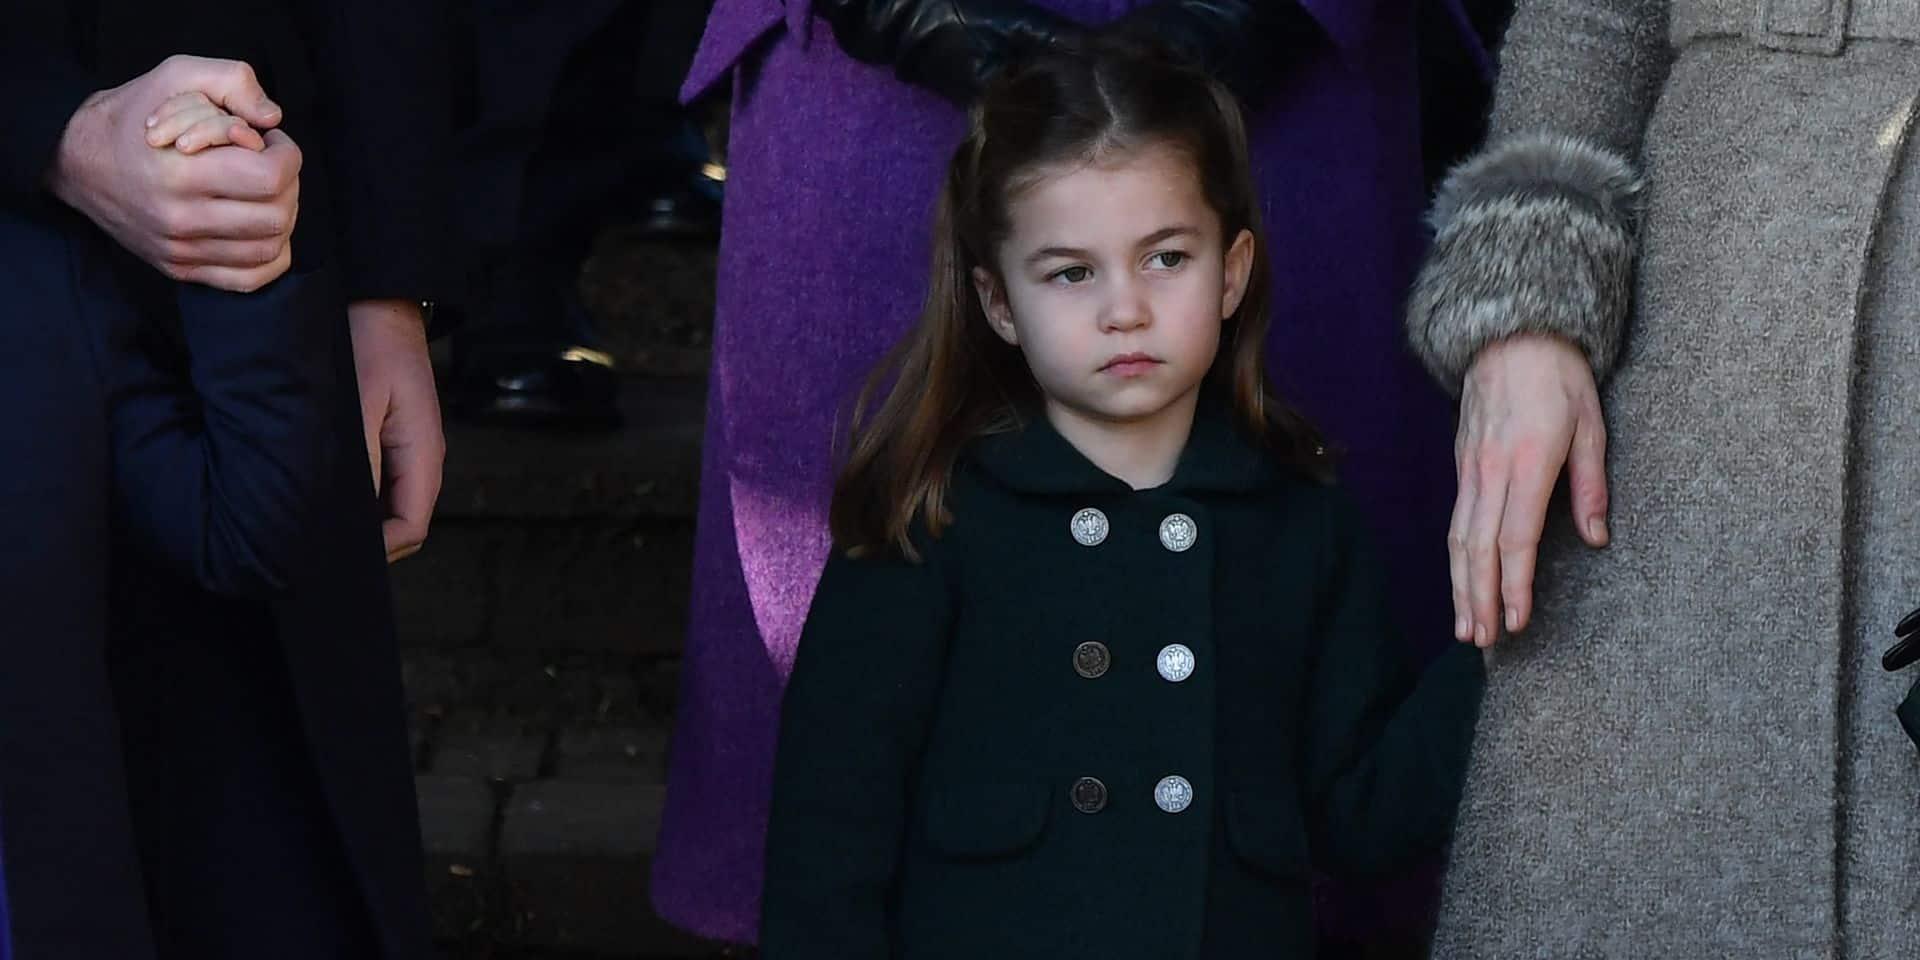 L'encas préféré de la princesse Charlotte est particulièrement raffiné pour une fille de 6 ans